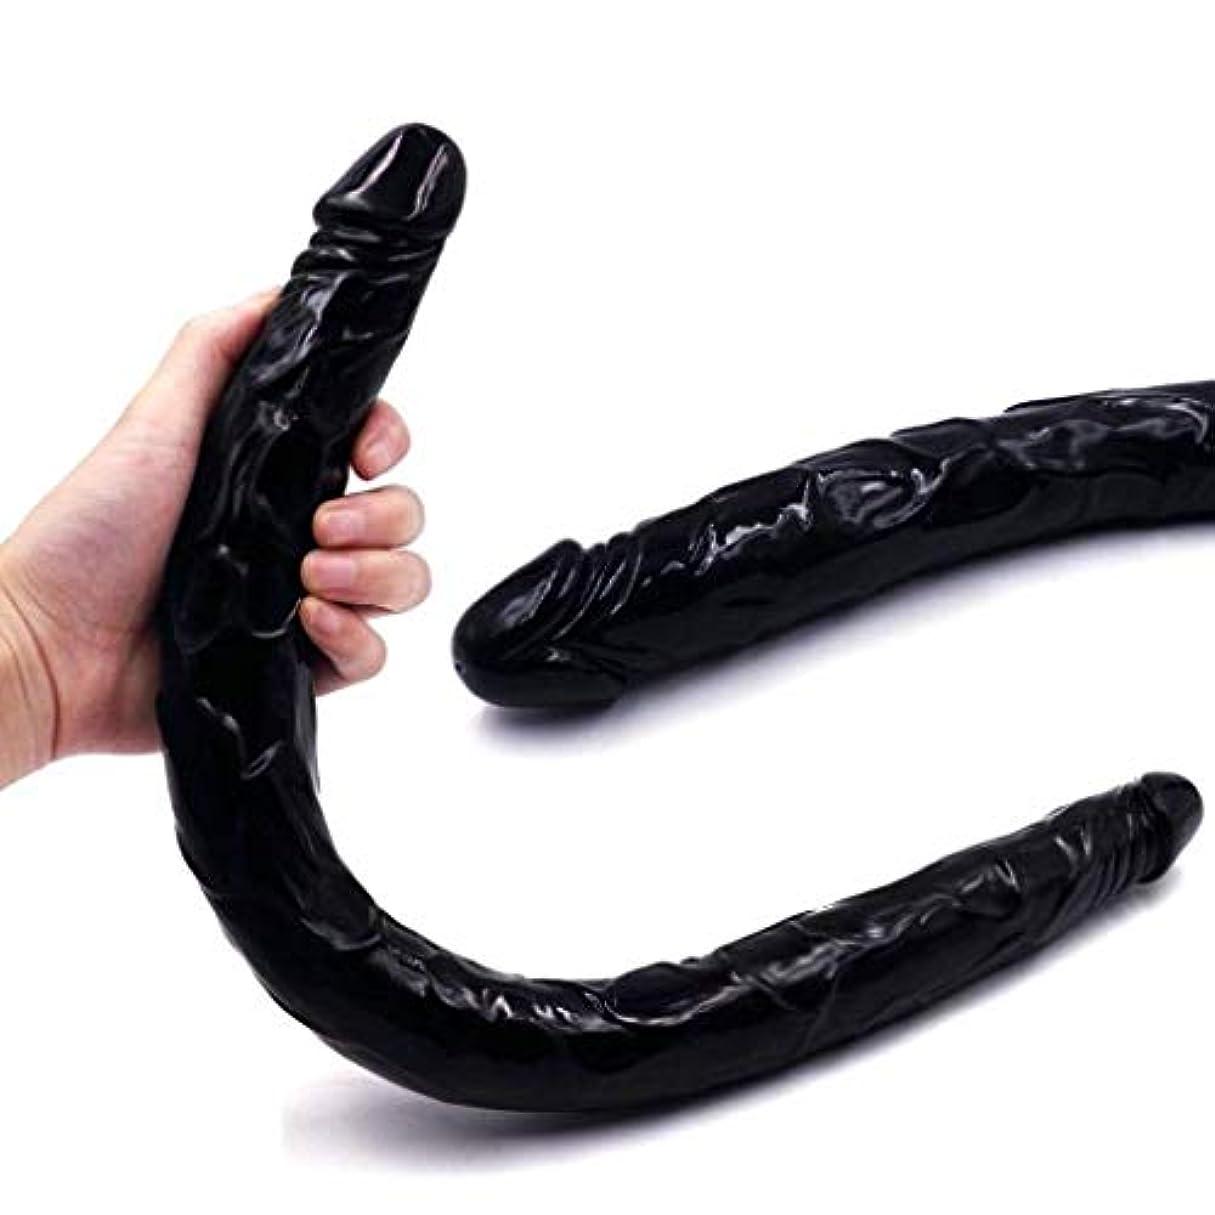 クルー誤解を招く顎Risareyi 21.56インチ等身大の巨大なおもちゃ、3D超現実的なおもちゃ、女性のためのパーソナルリラックスツール女性Tシャツ (Color : 黒)